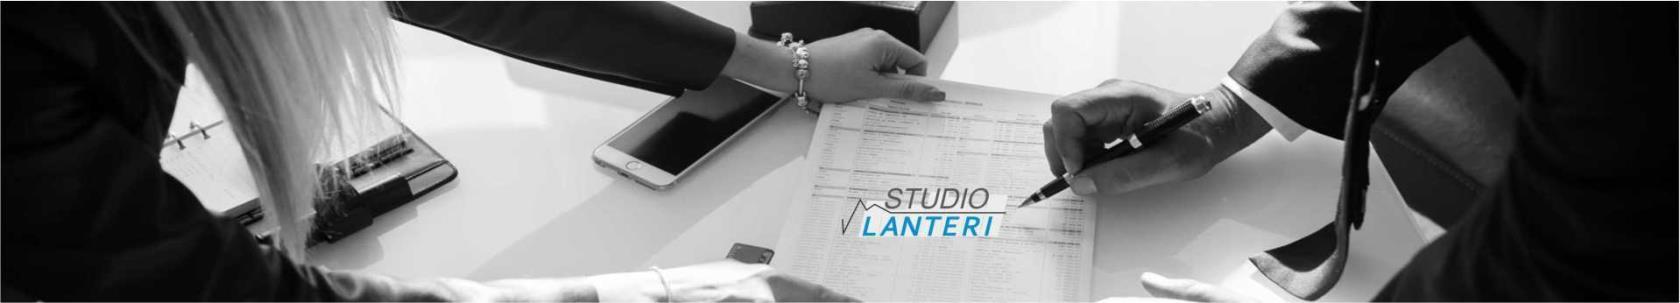 Internazionalizzazione Imprese Arma di Taggia Imperia Sanremo Costa Azzurra | Internazionalizzazione delle Imprese Milano Lombardia | STUDIO LANTERI